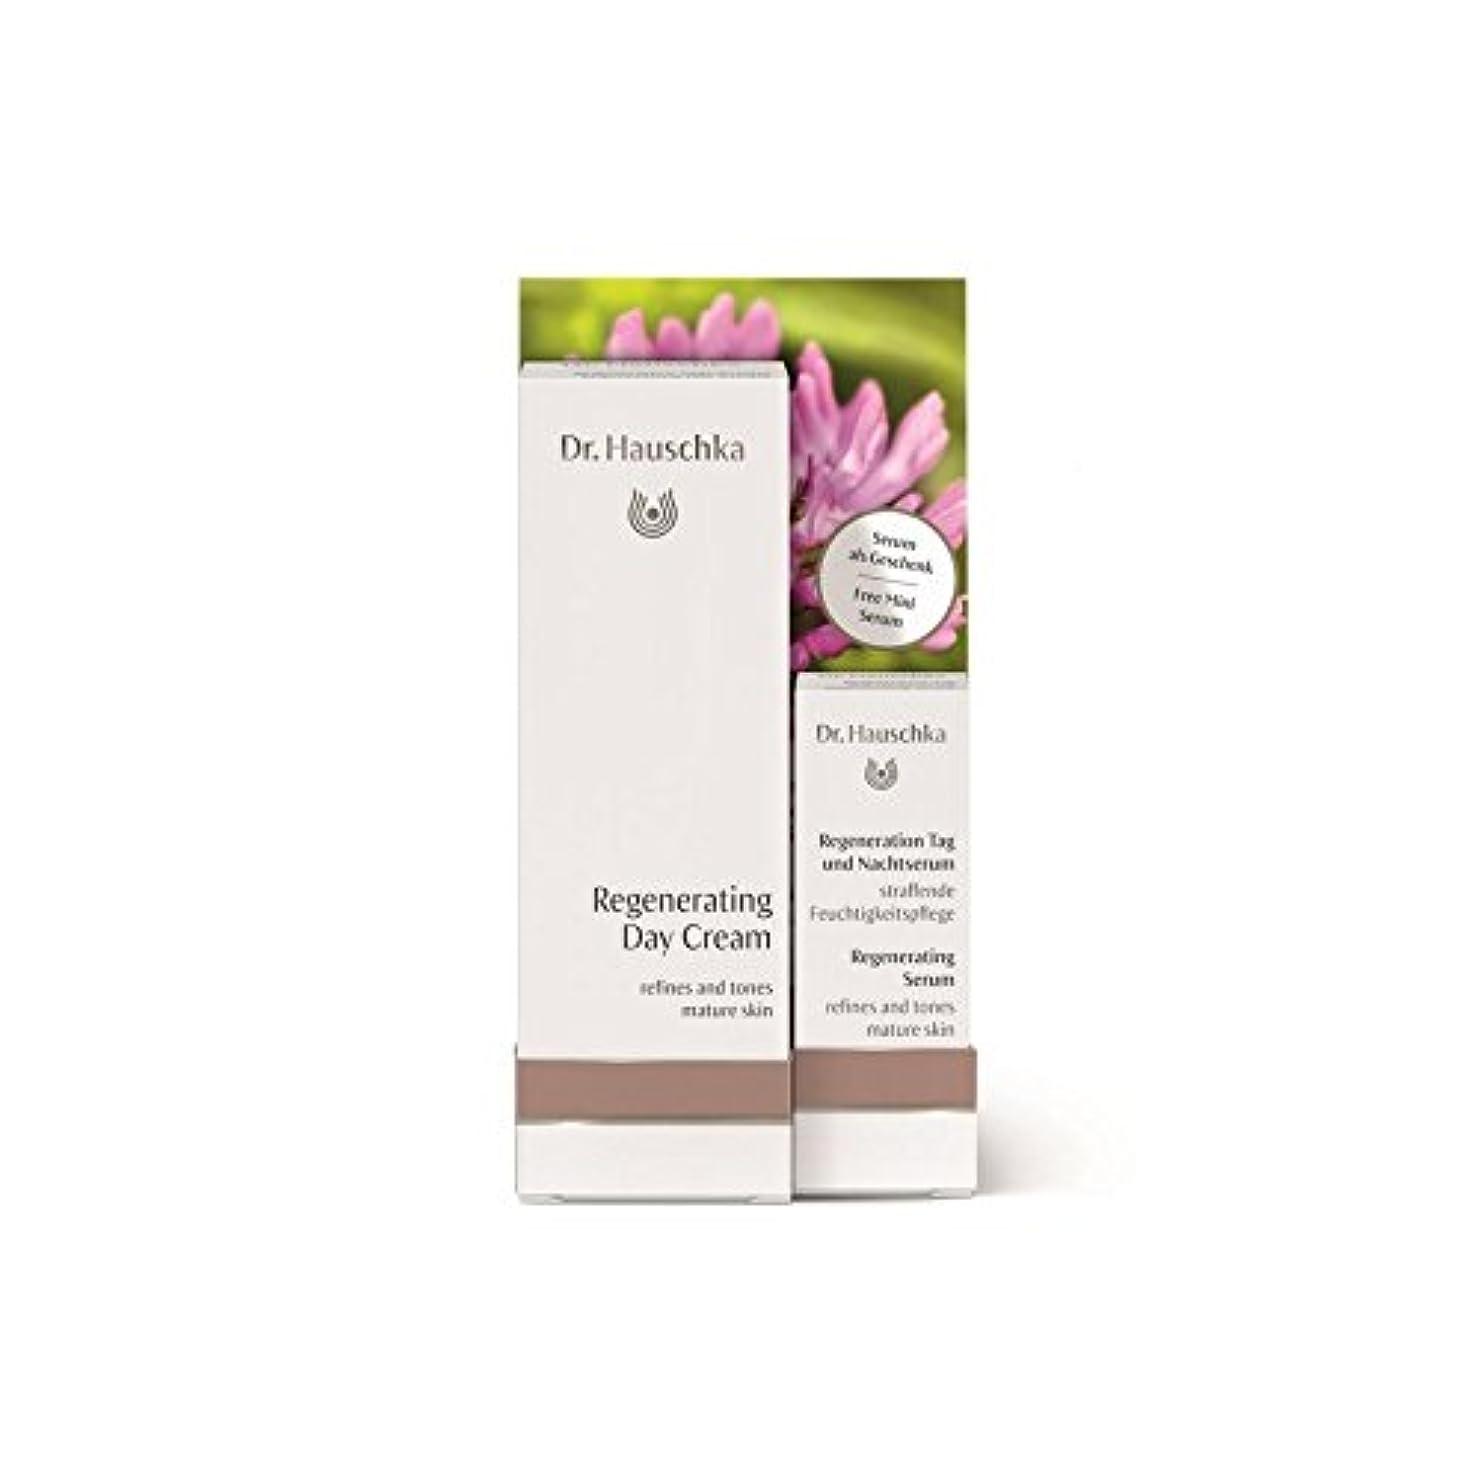 利得ファンシーロマンチック無料再生血清2.5ミリリットルとハウシュカ再生デイクリーム x2 - Dr. Hauschka Regenerating Day Cream with a free Regenerating Serum 2.5ml (Pack of 2) [並行輸入品]